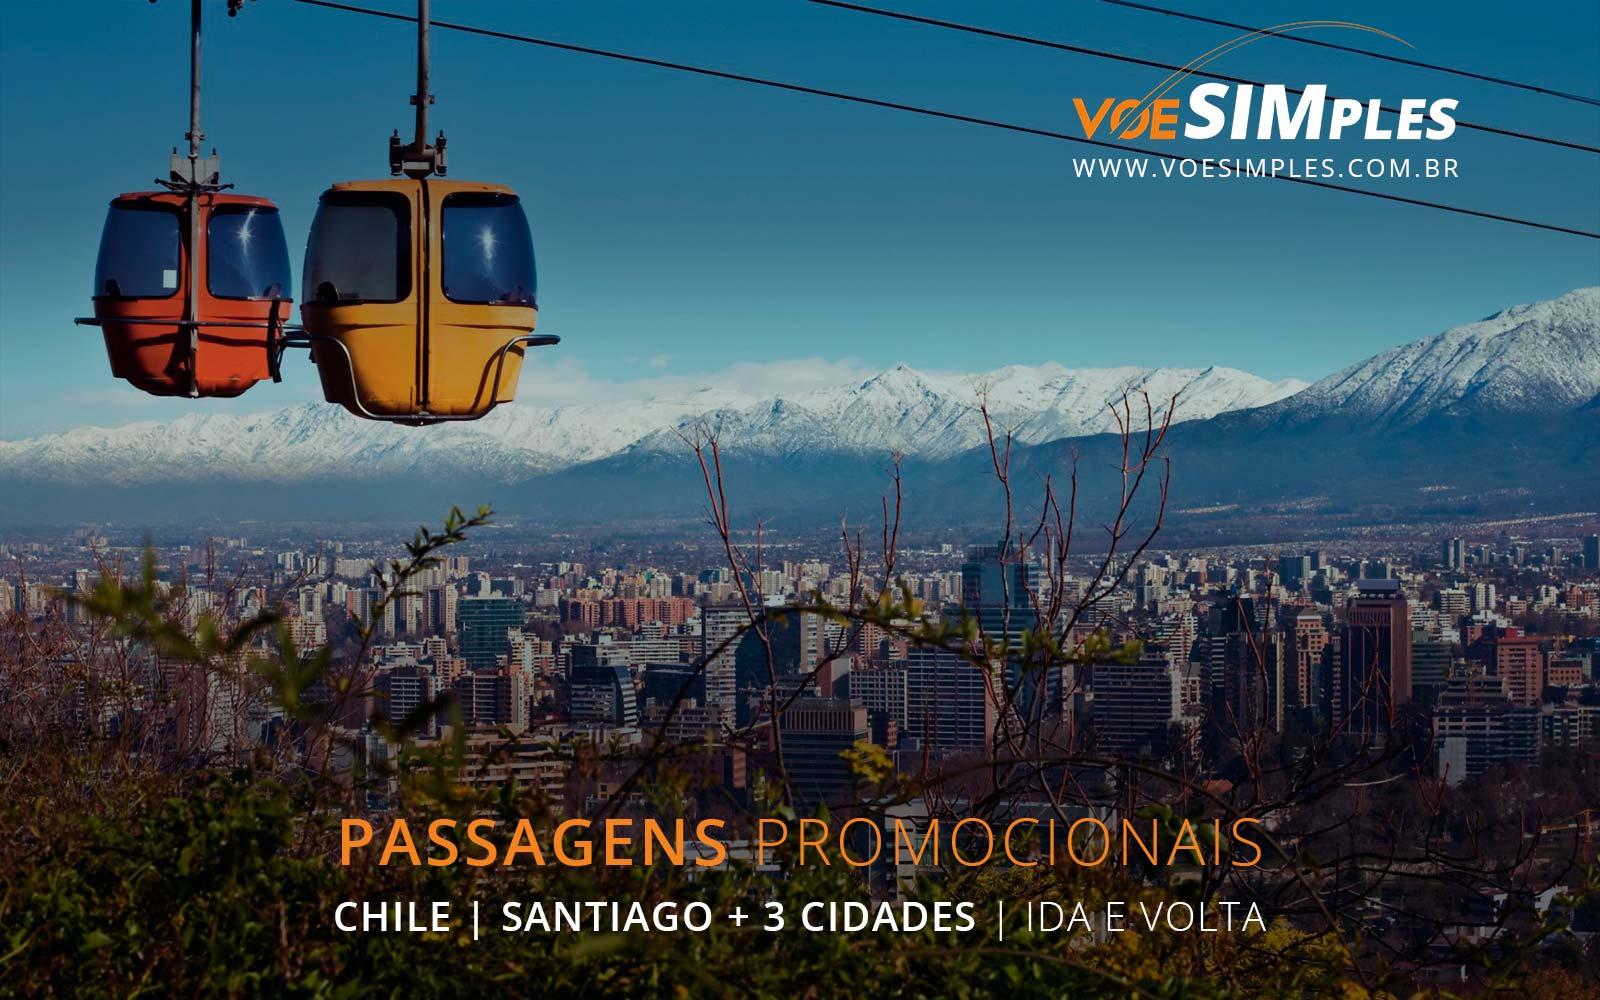 Passagens aéreas promocionais para Santiago, Lima, Bogotá e Montevidéu na América do Sul.